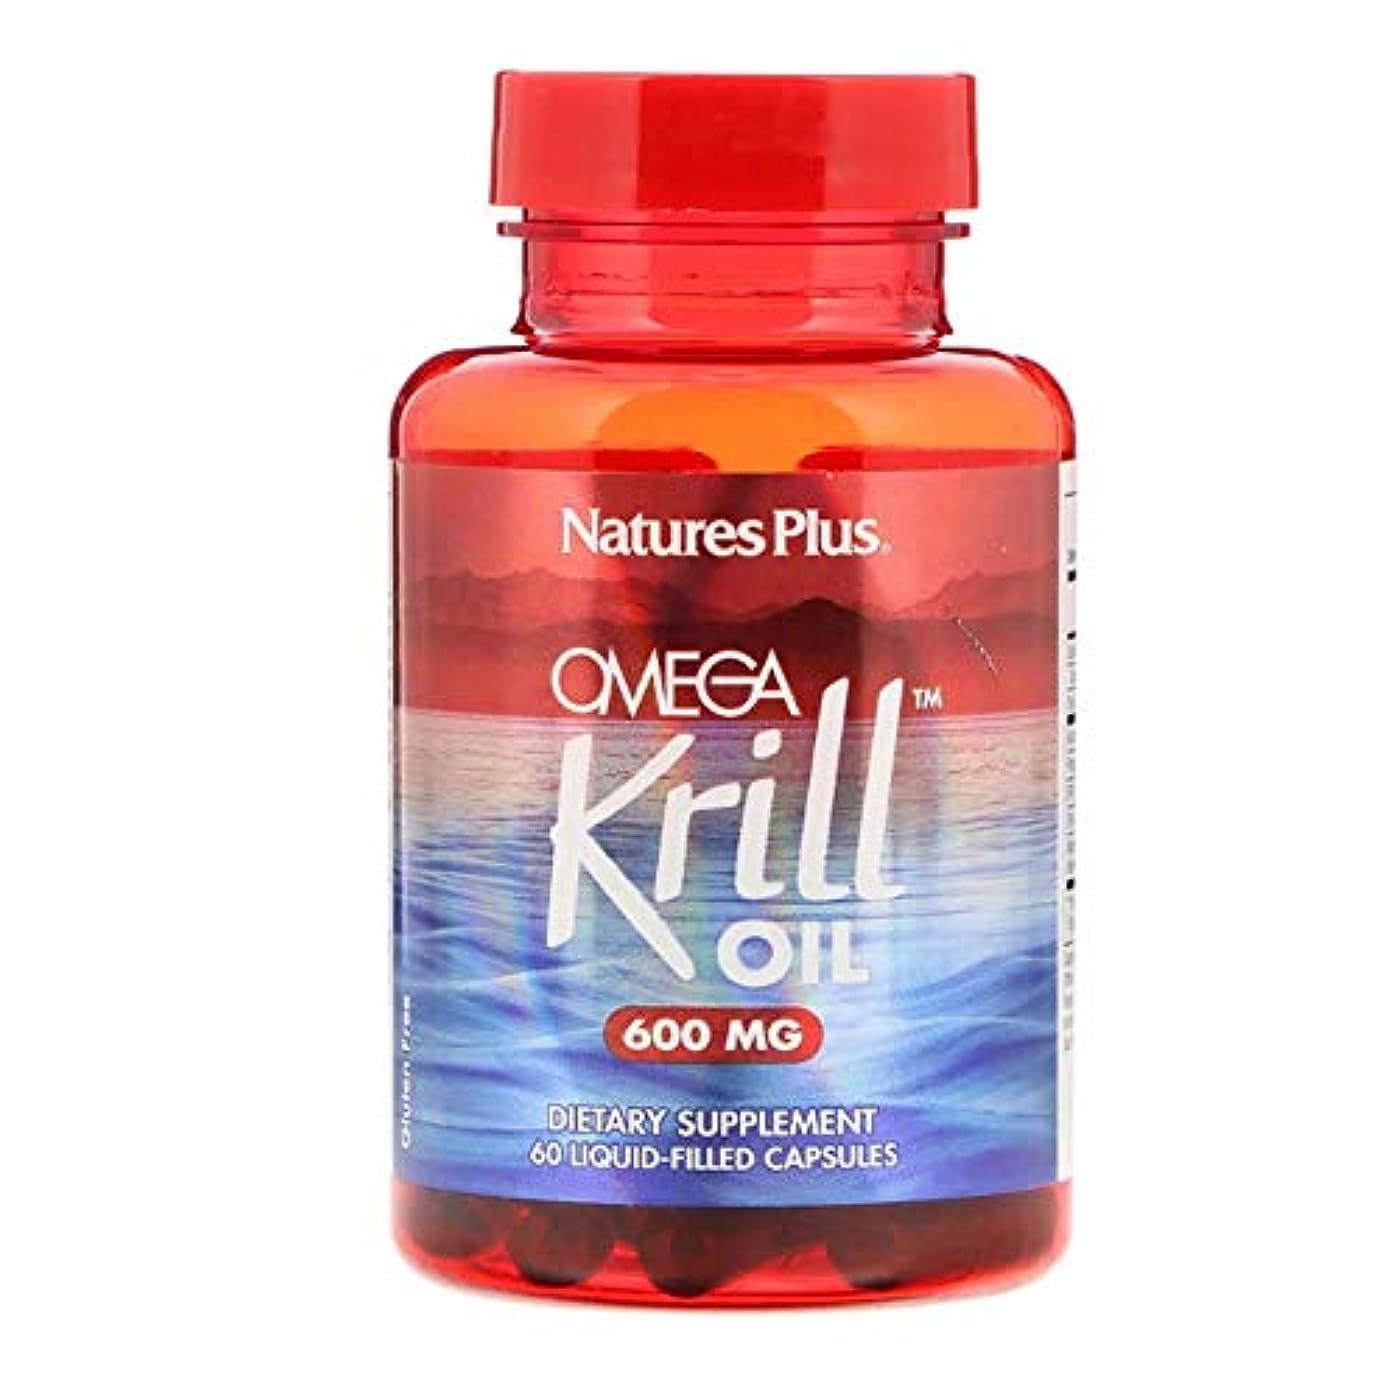 喉が渇いた事実シェルNature's Plus オメガ クリルオイル 600 mg 60 液体カプセル 【アメリカ直送】